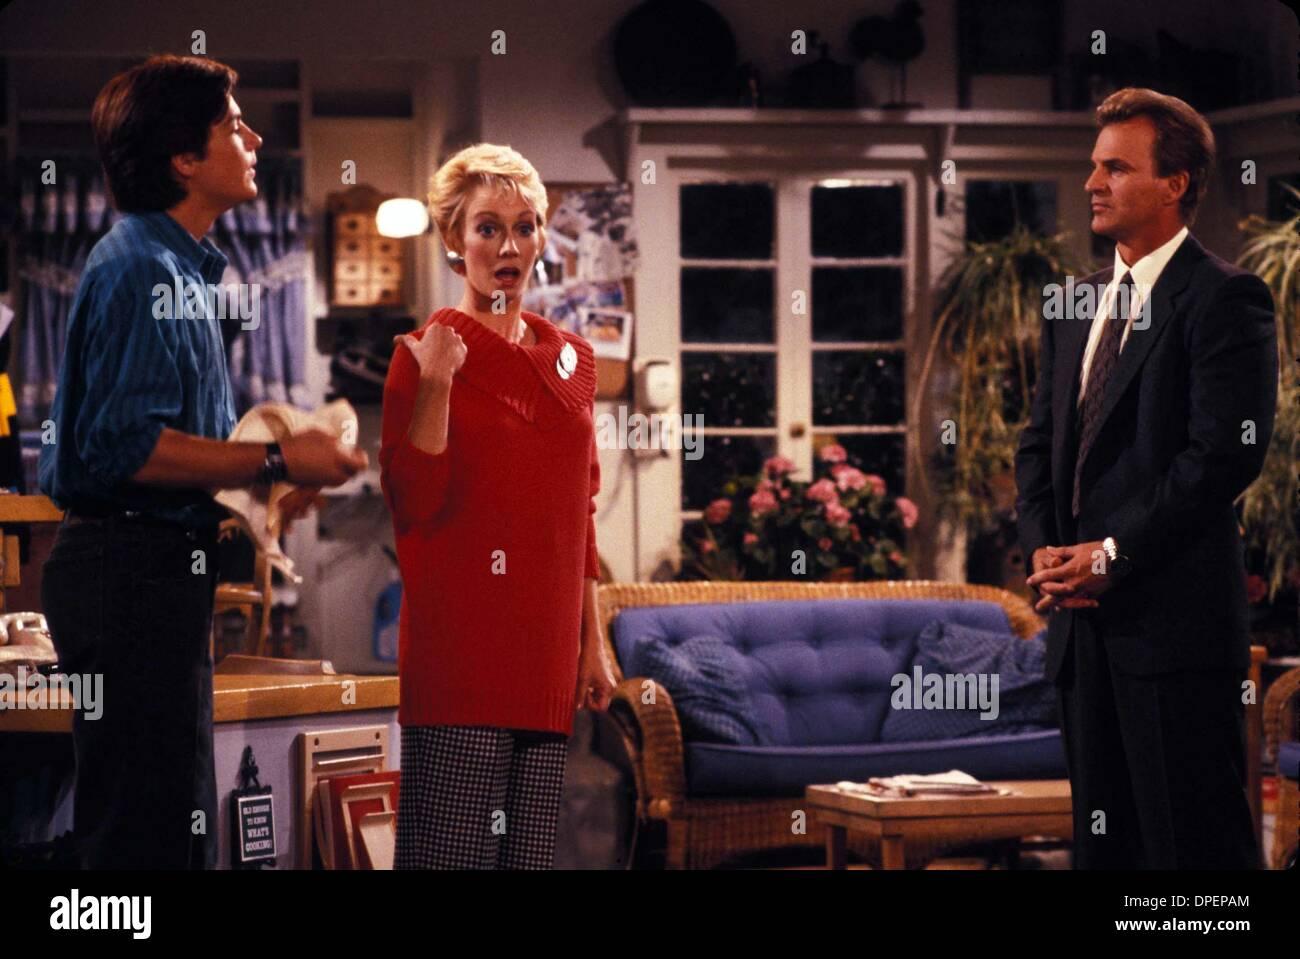 Gen. 16, 2006 - F8352.LA FAMIGLIA HOGAN.10-26-1988.TV-FILM STILL ...